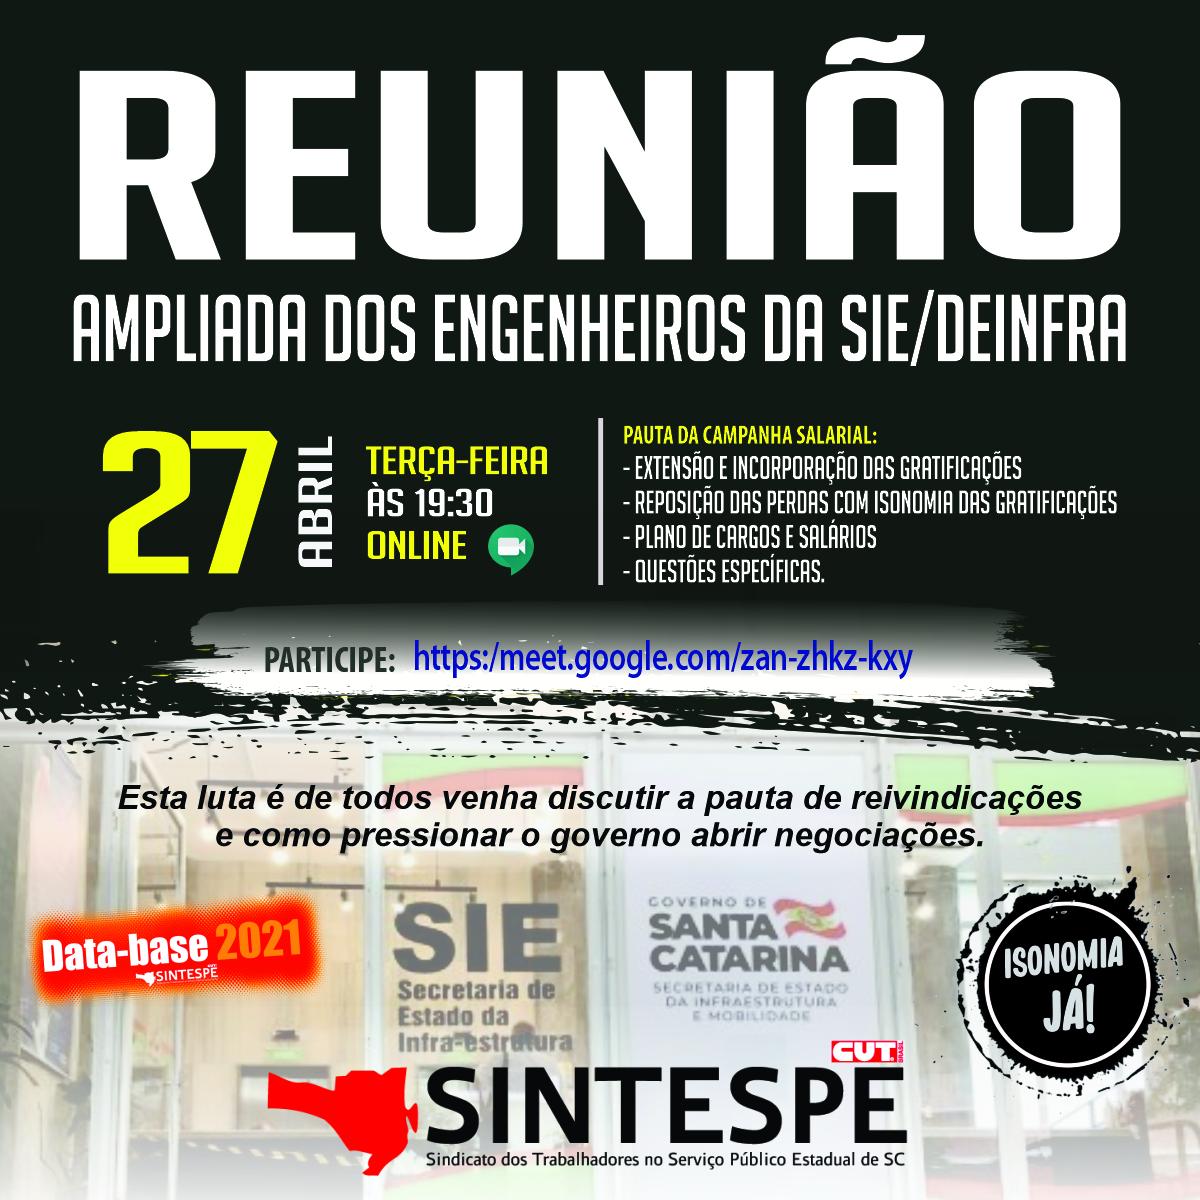 REUNIÃO AMPLIADA DOS ENGENHEIROS DA SIE/DEINFRA